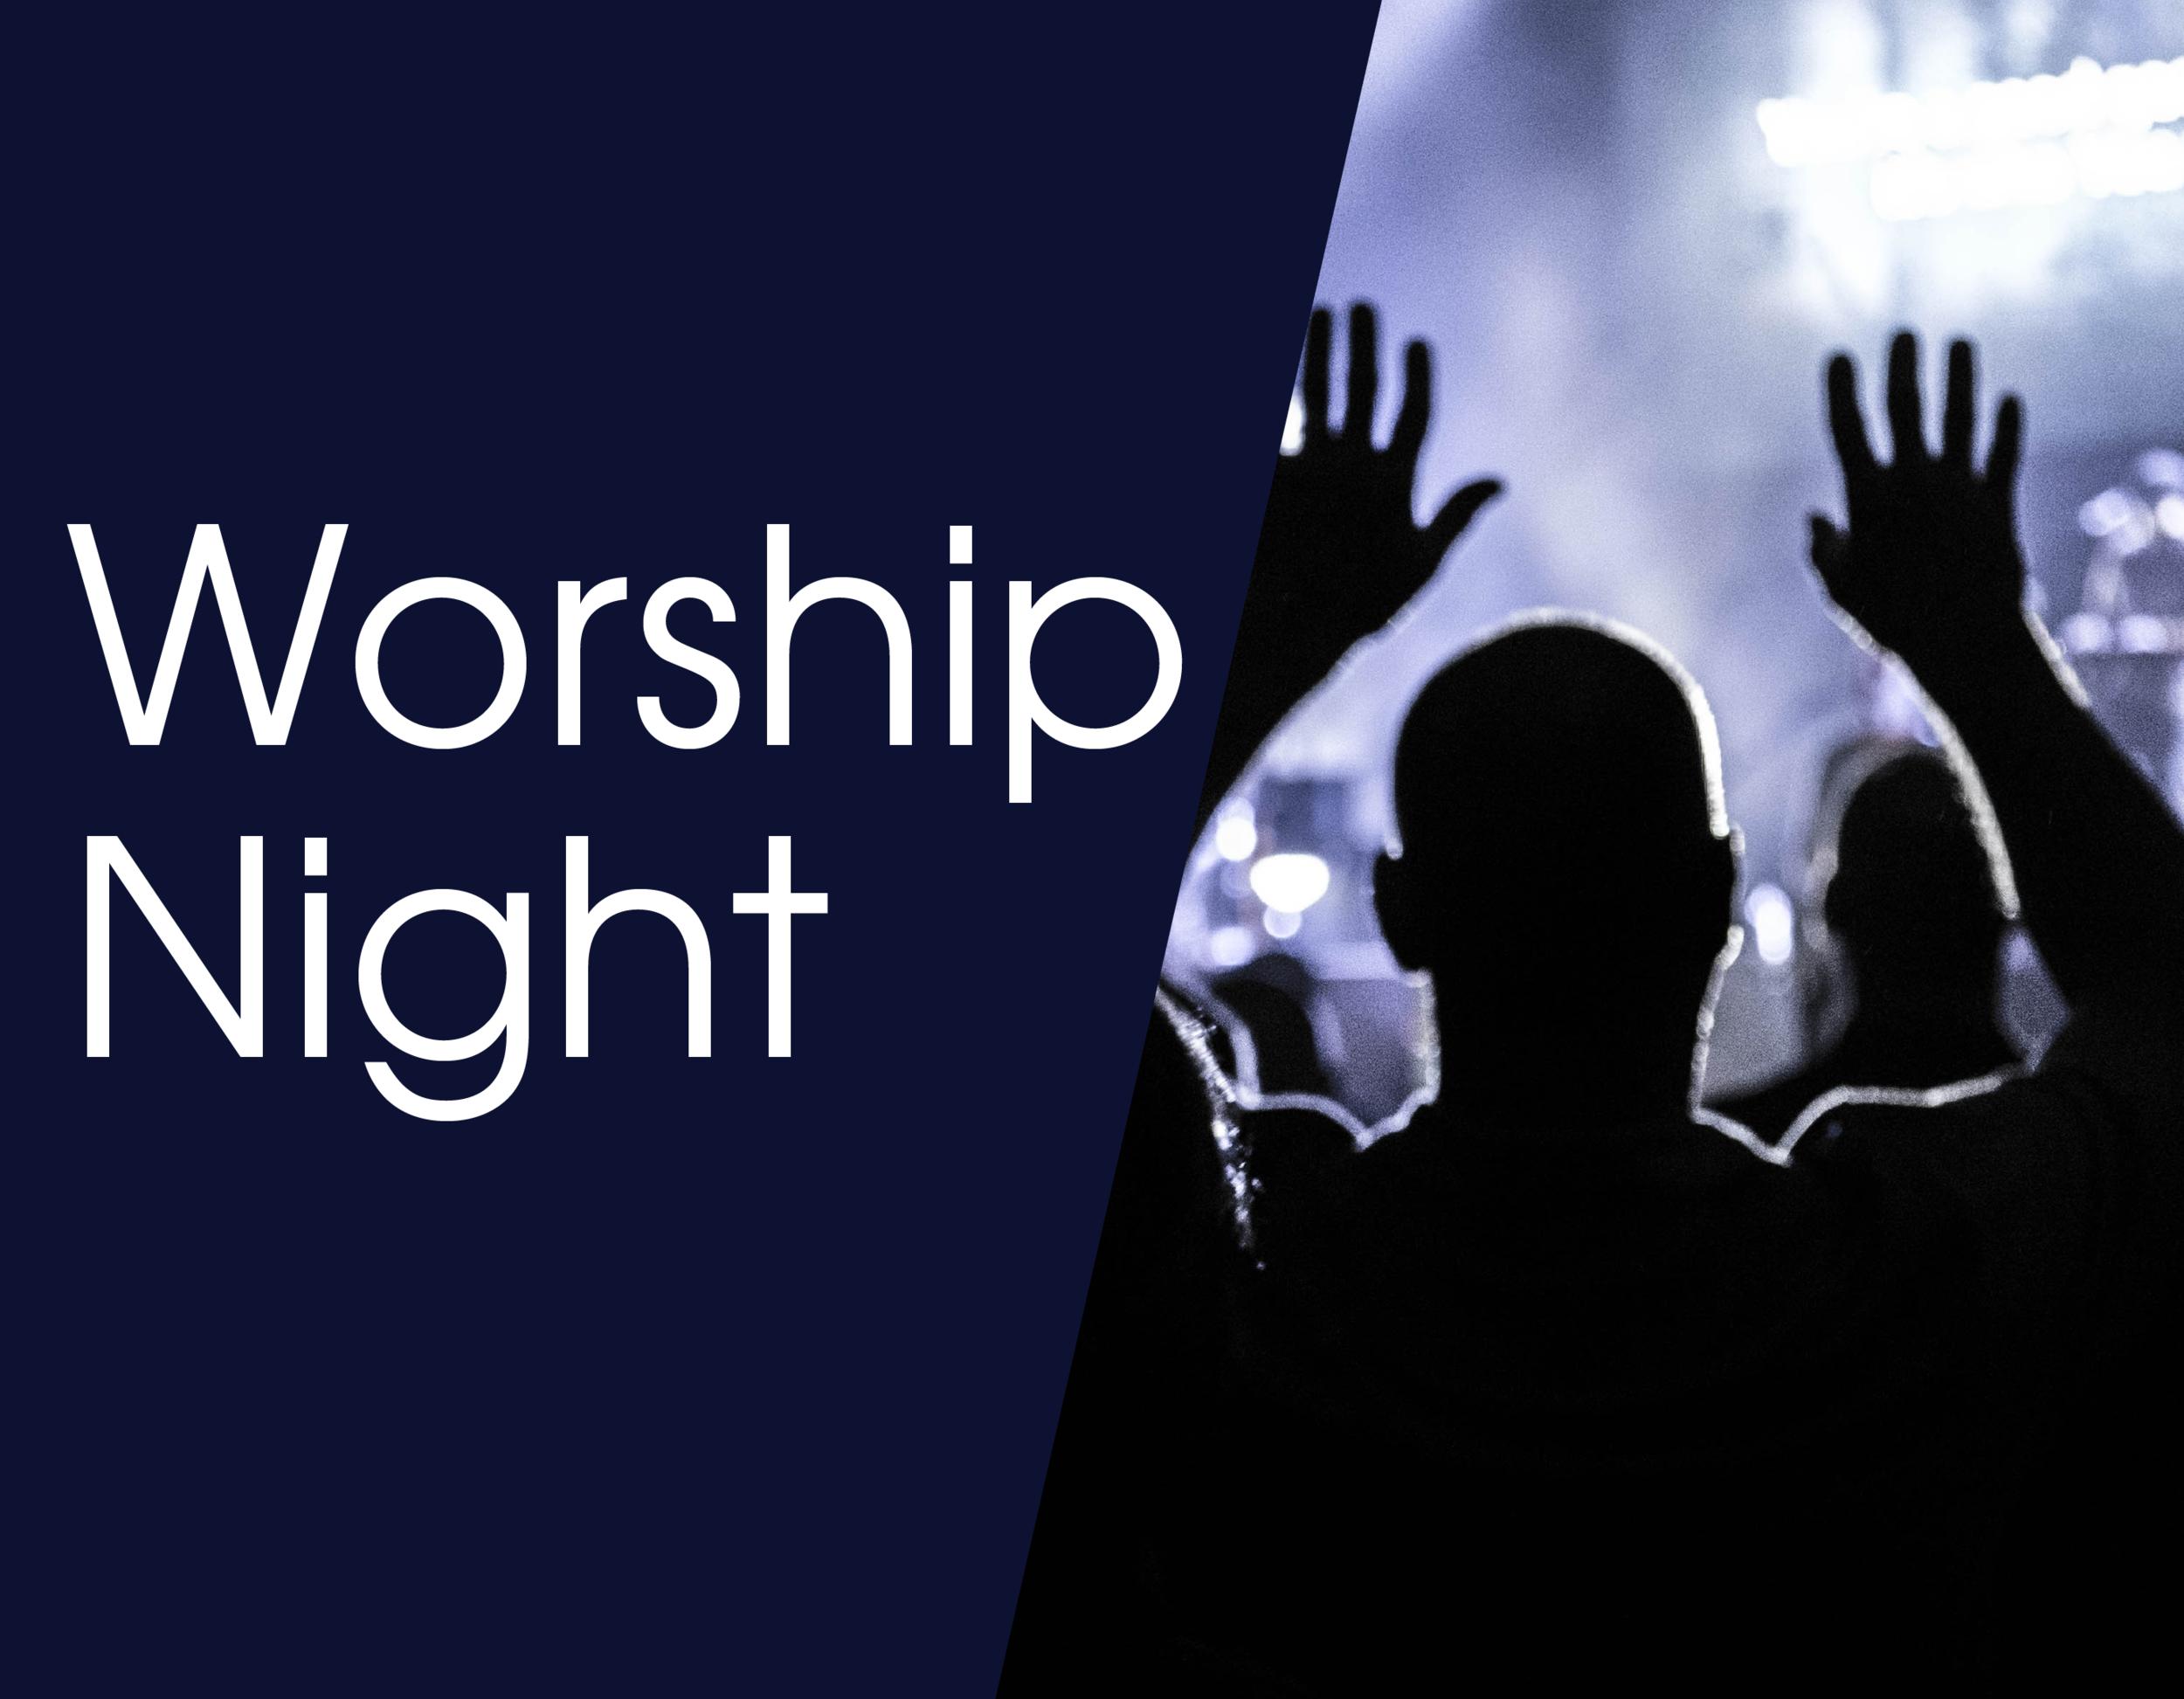 Web_Worship Night_Tile-01.png